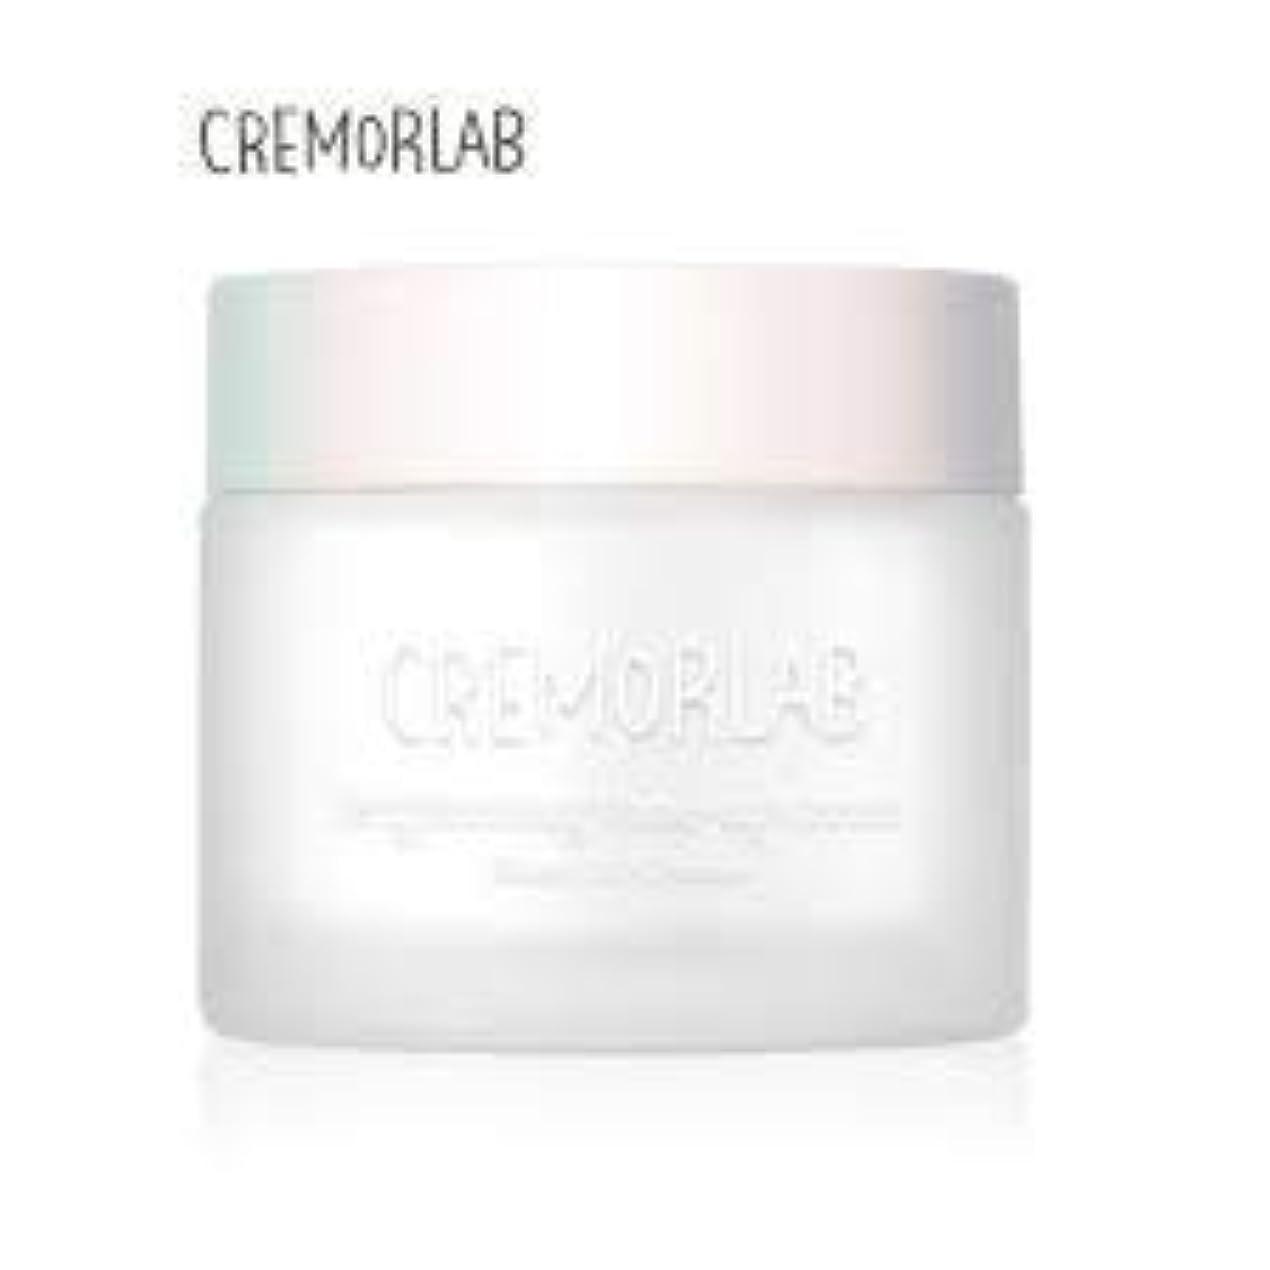 不道徳スズメバチバケットCREMORLAB ブランドクレマーブライトニングクリーム50ml - 肌のトーンを洗練させ、透明度を高め、肌の色を明るくします。